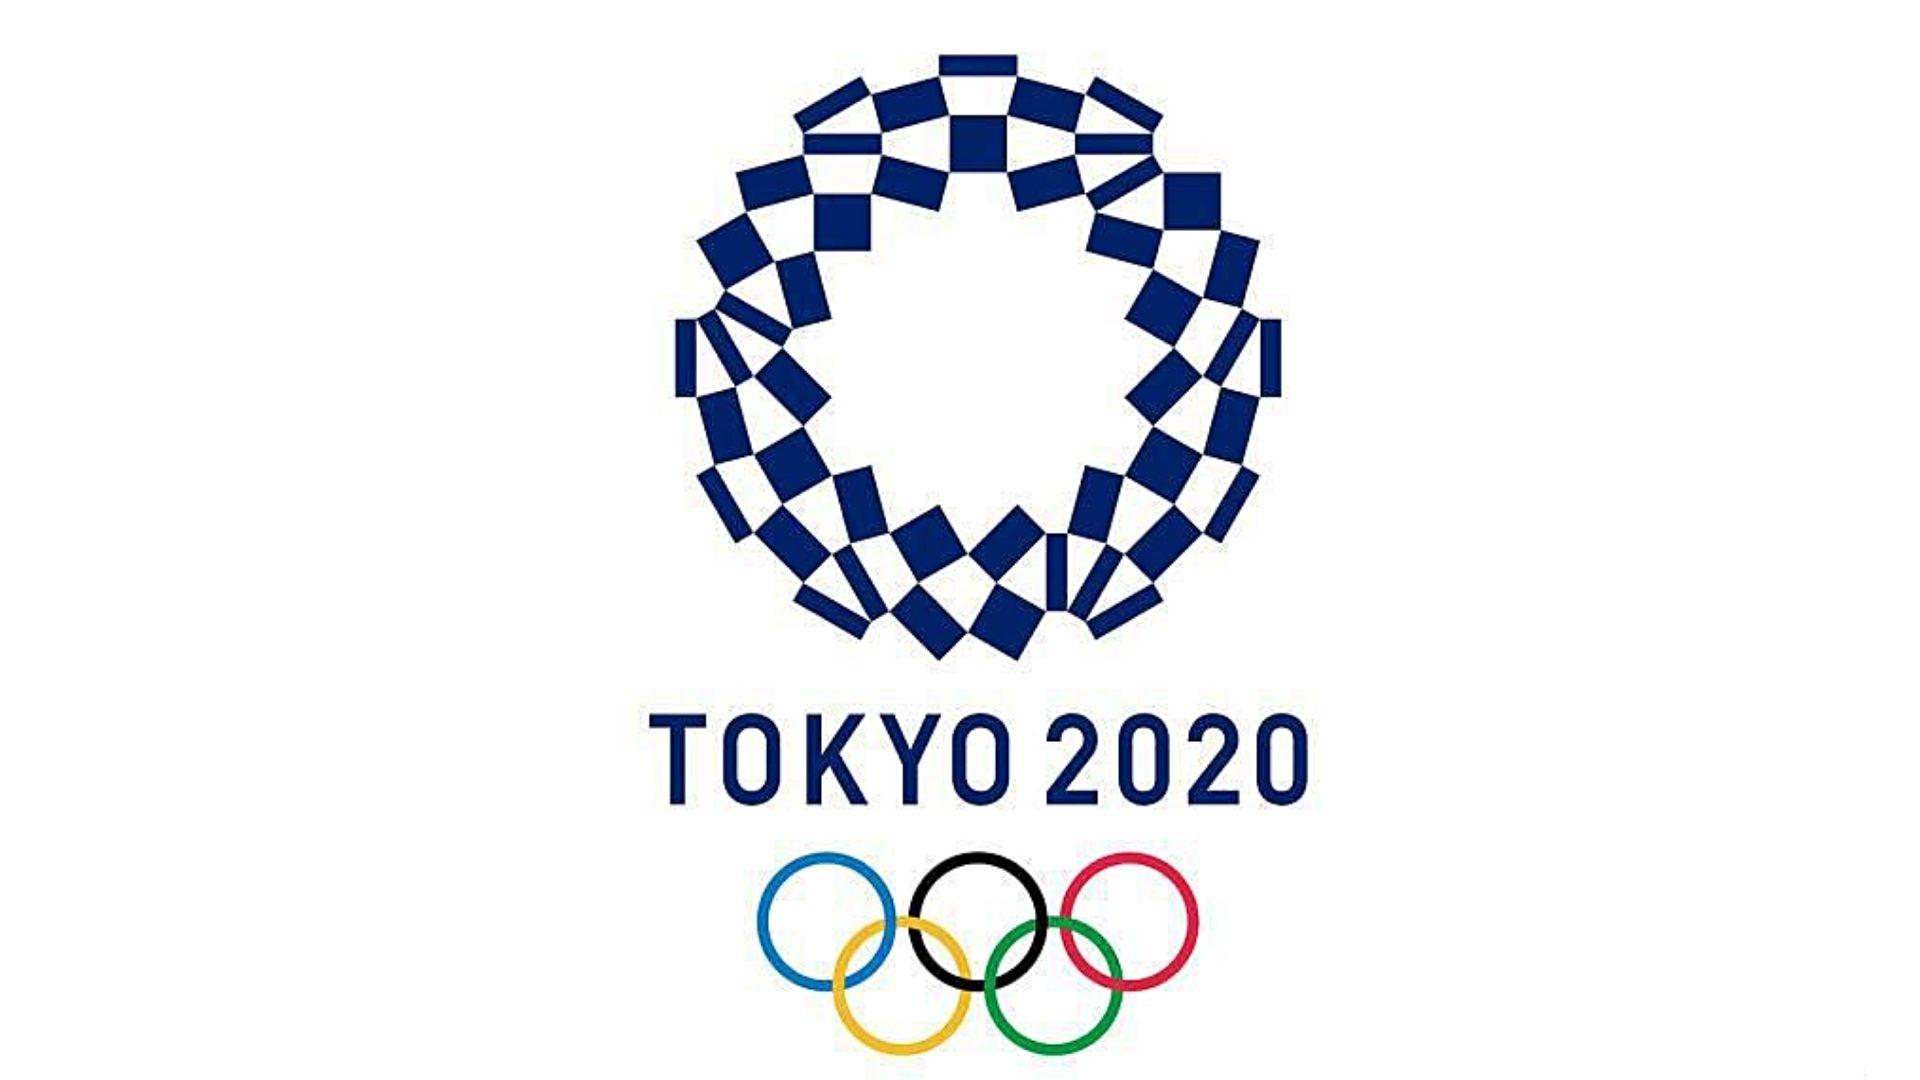 Jocs Toquio